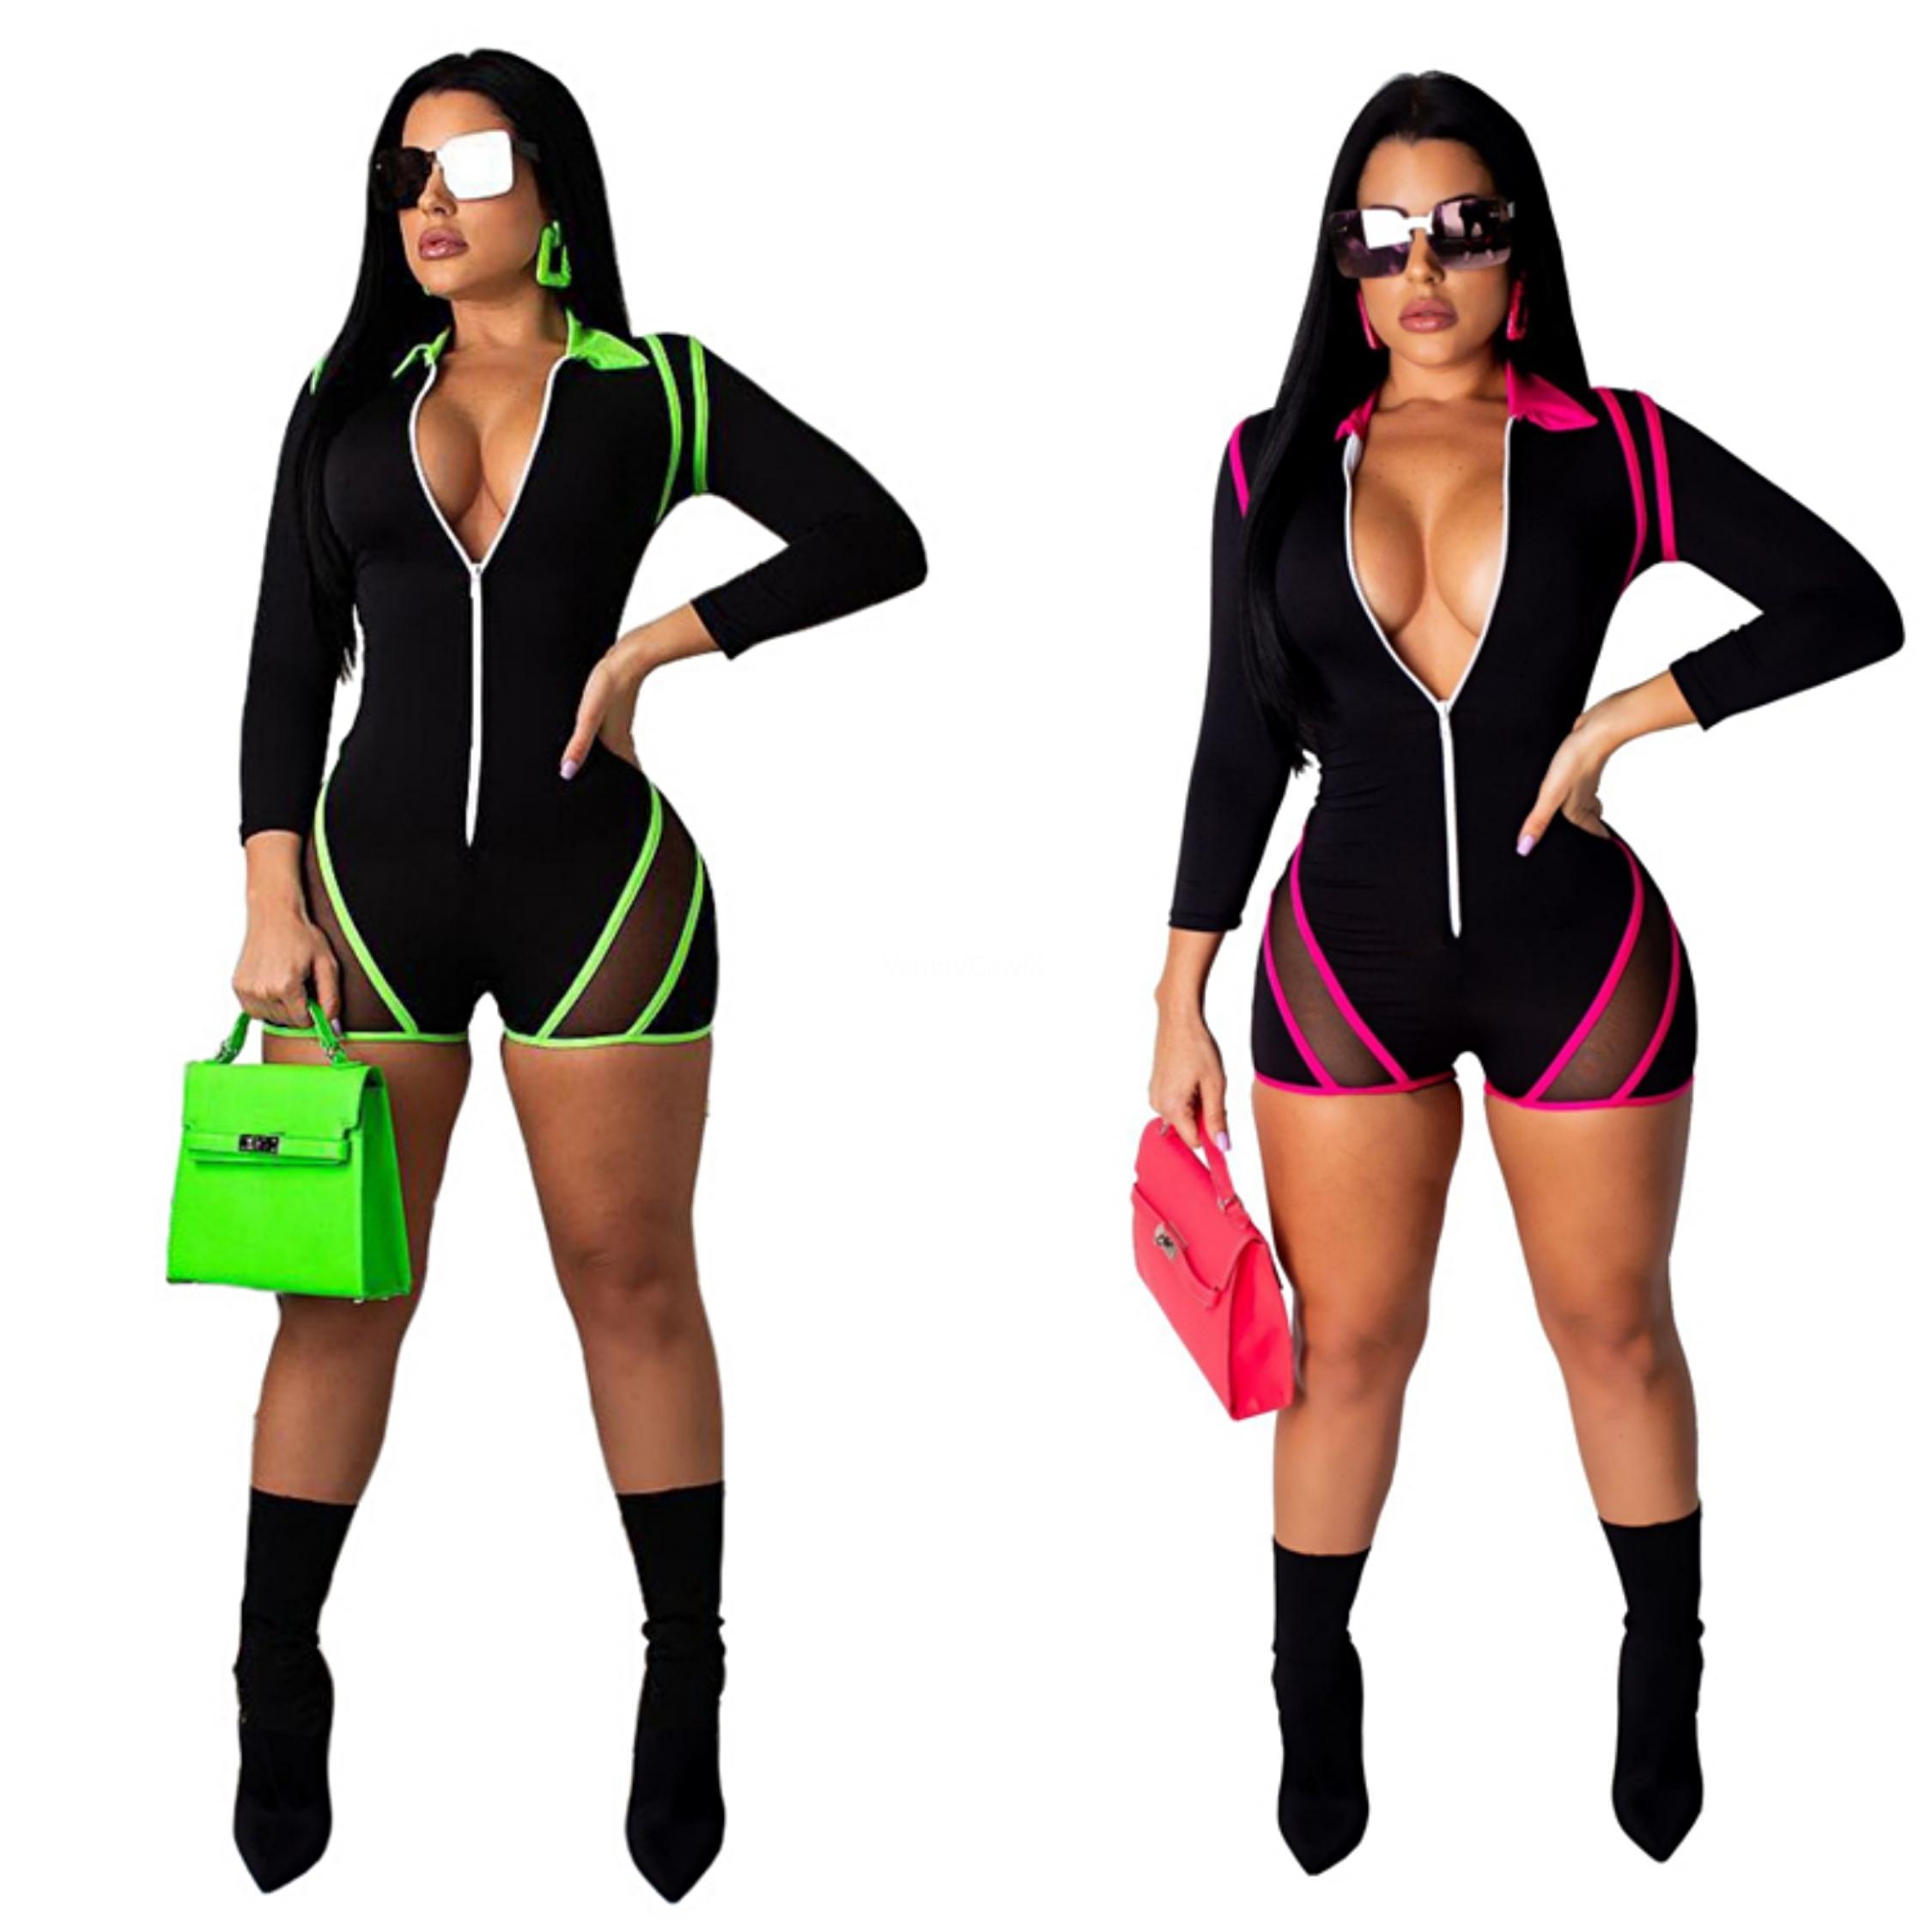 Sexy pagliaccetti delle donne tuta casuale manica lunga chiusura lampo anteriore aderente Tuta Streetwear scollo a V tasche partito tuta # 84570